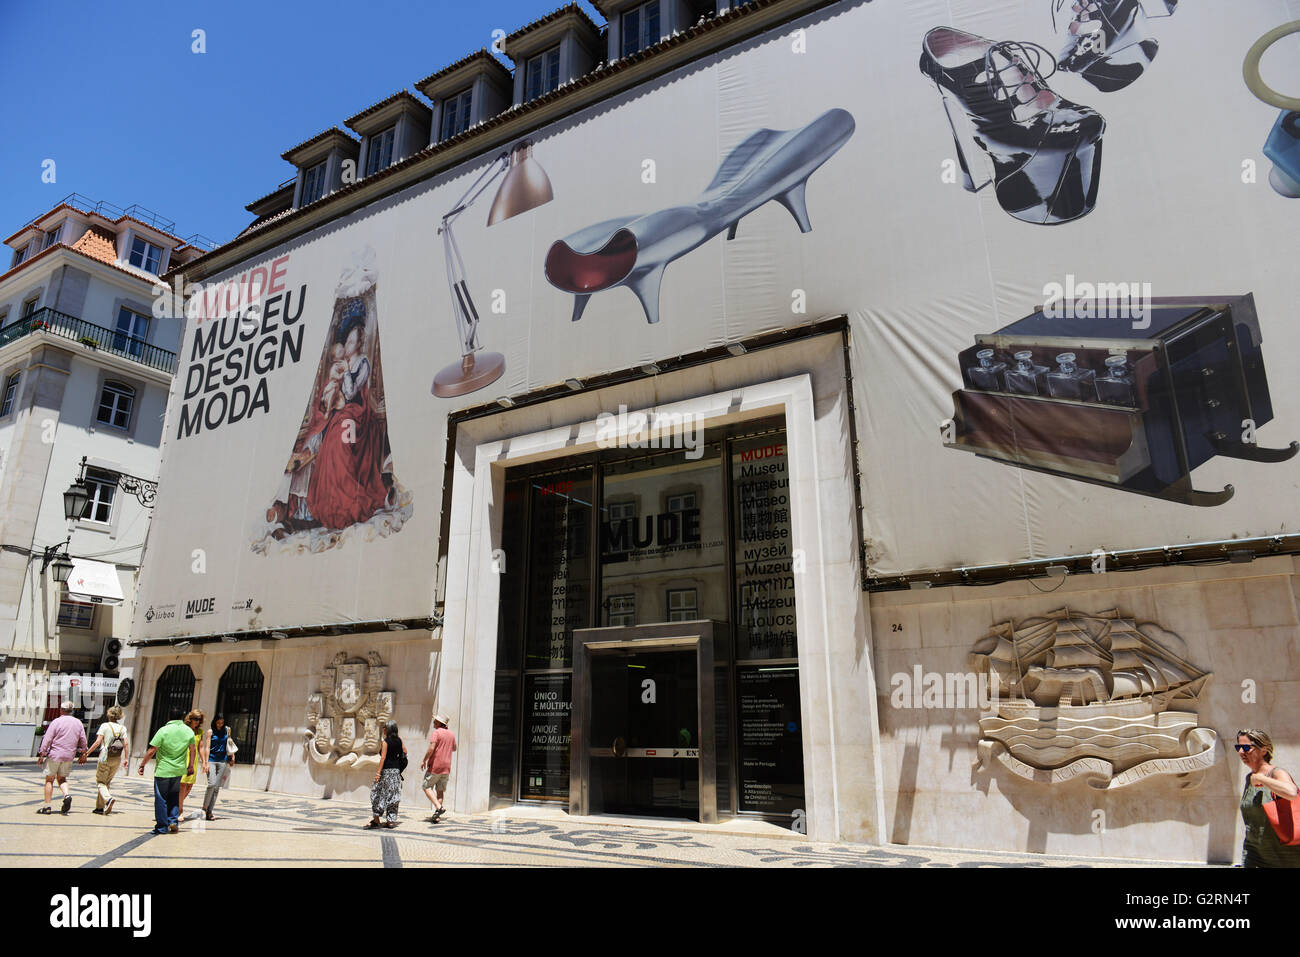 Mude- museo de diseño de moda en la Rua Augusta, en el casco antiguo de la ciudad de Lisboa. Imagen De Stock